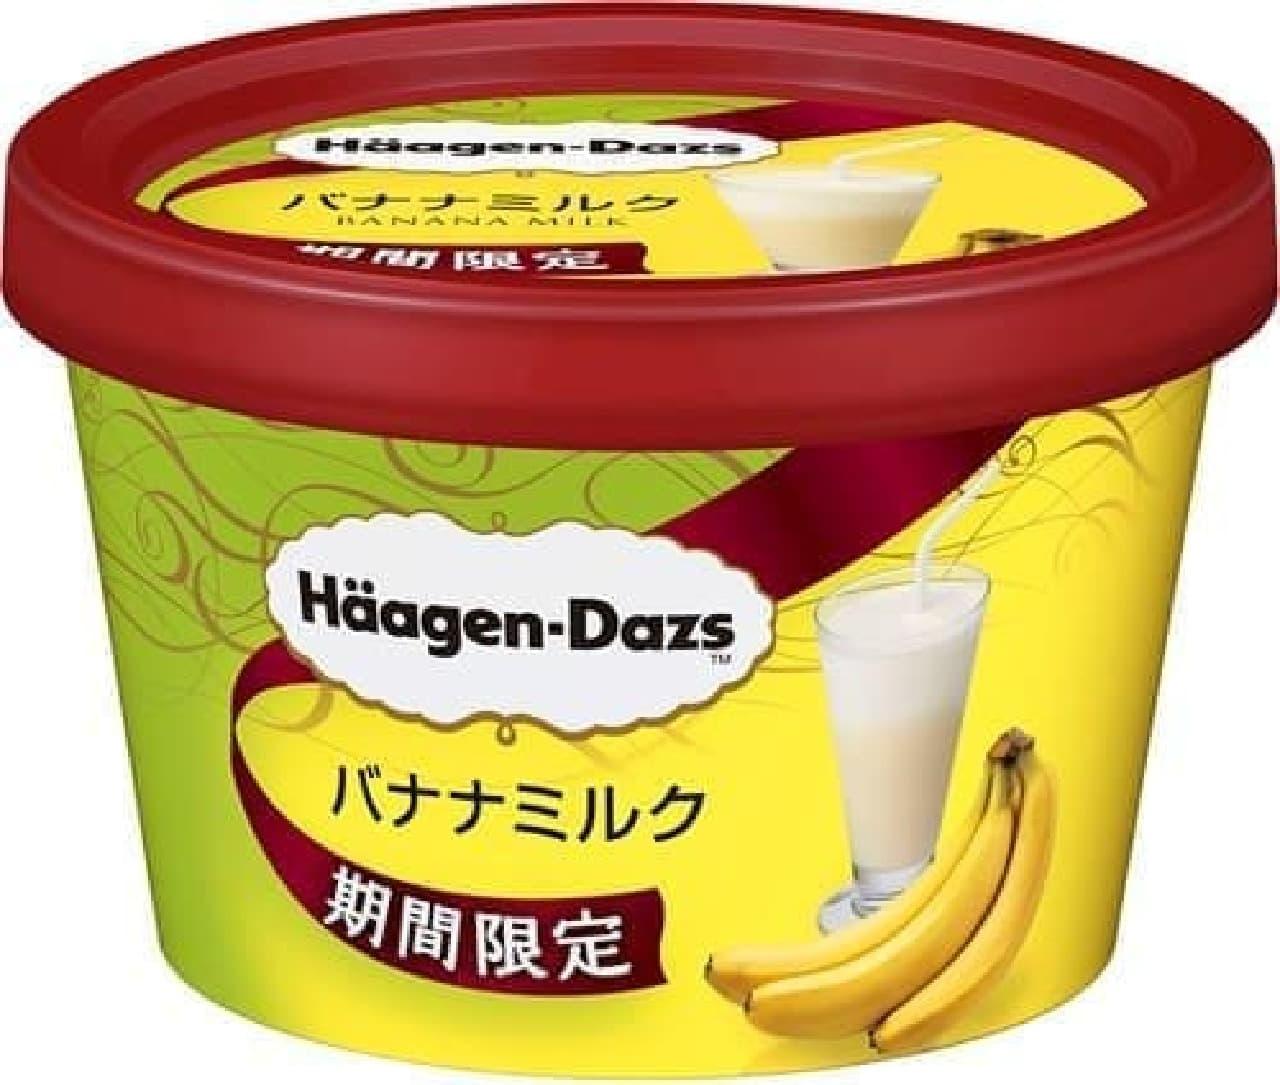 風味豊かなバナナソルベ×濃厚なミルクアイス